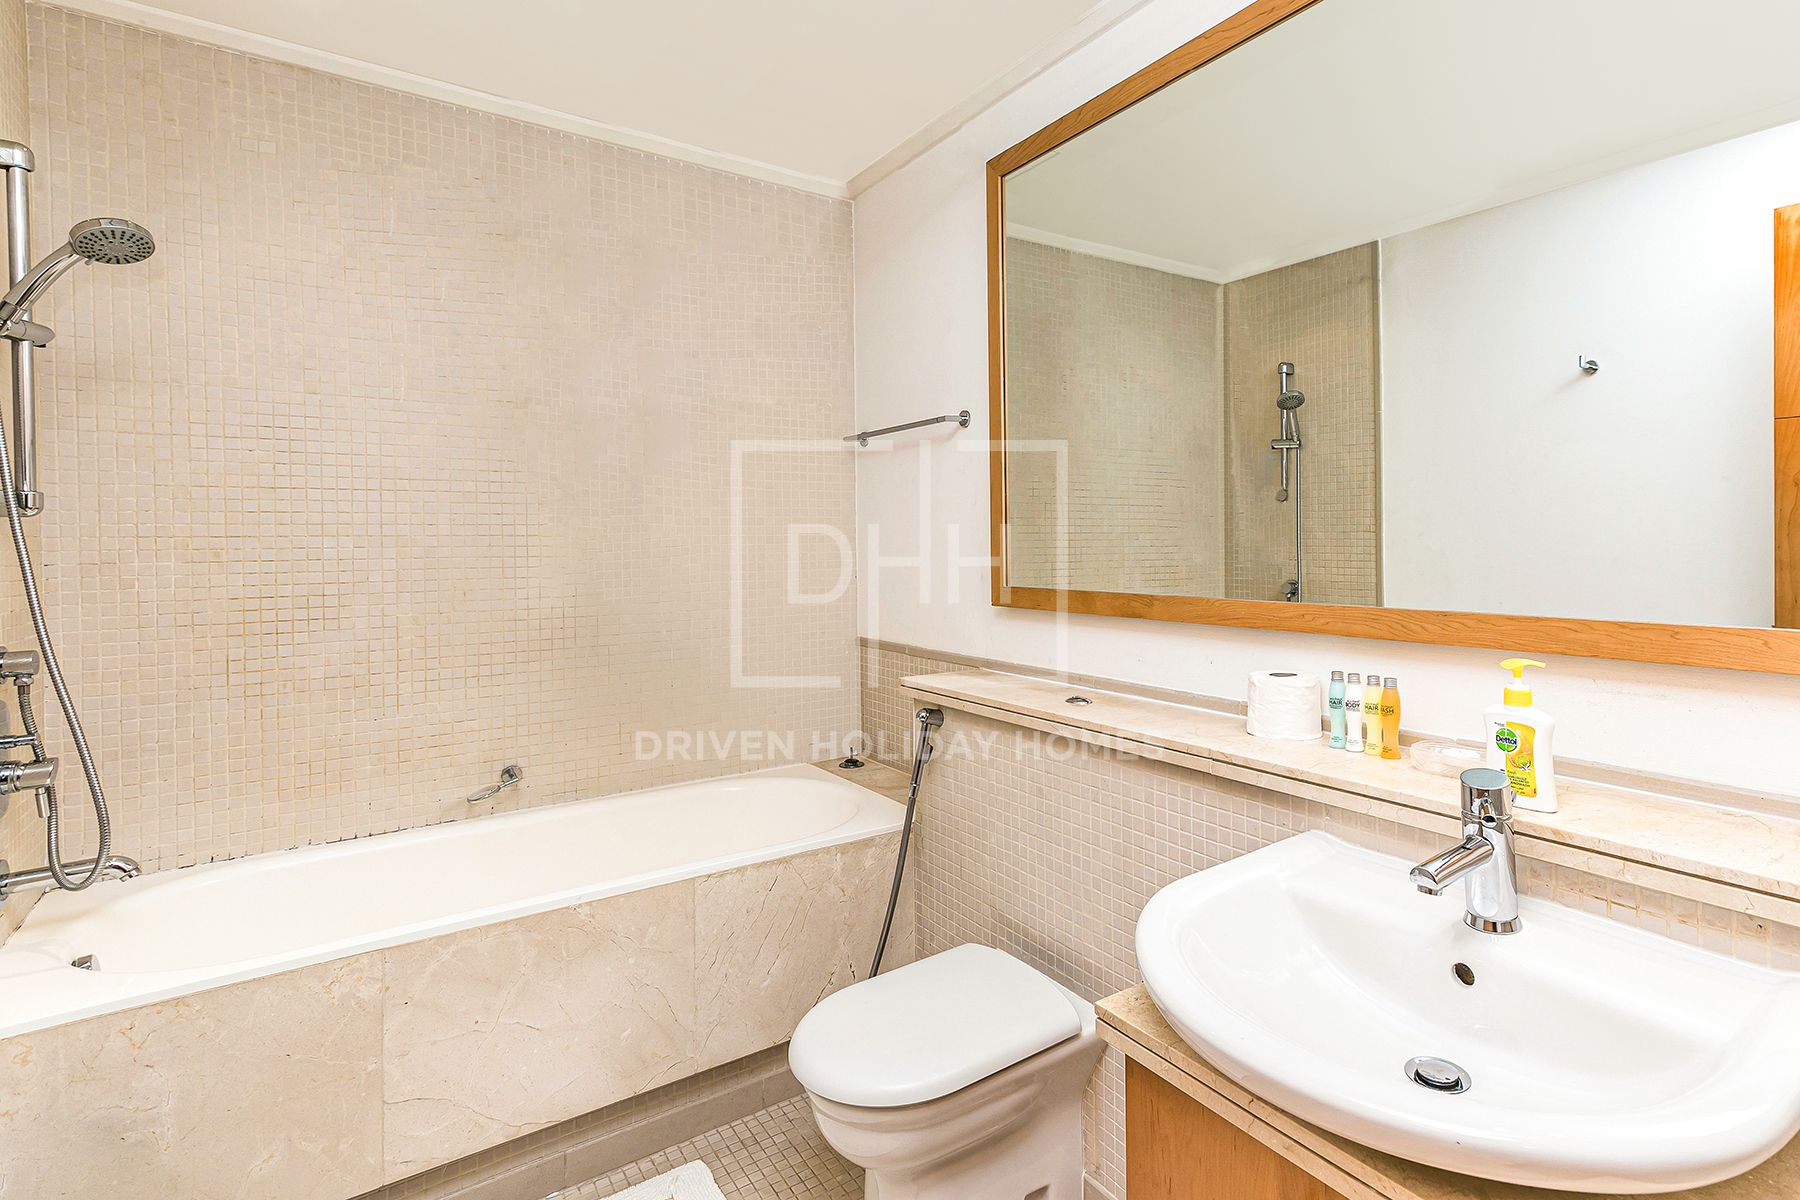 Apartment for Rent in Aurora Tower - Dubai Marina